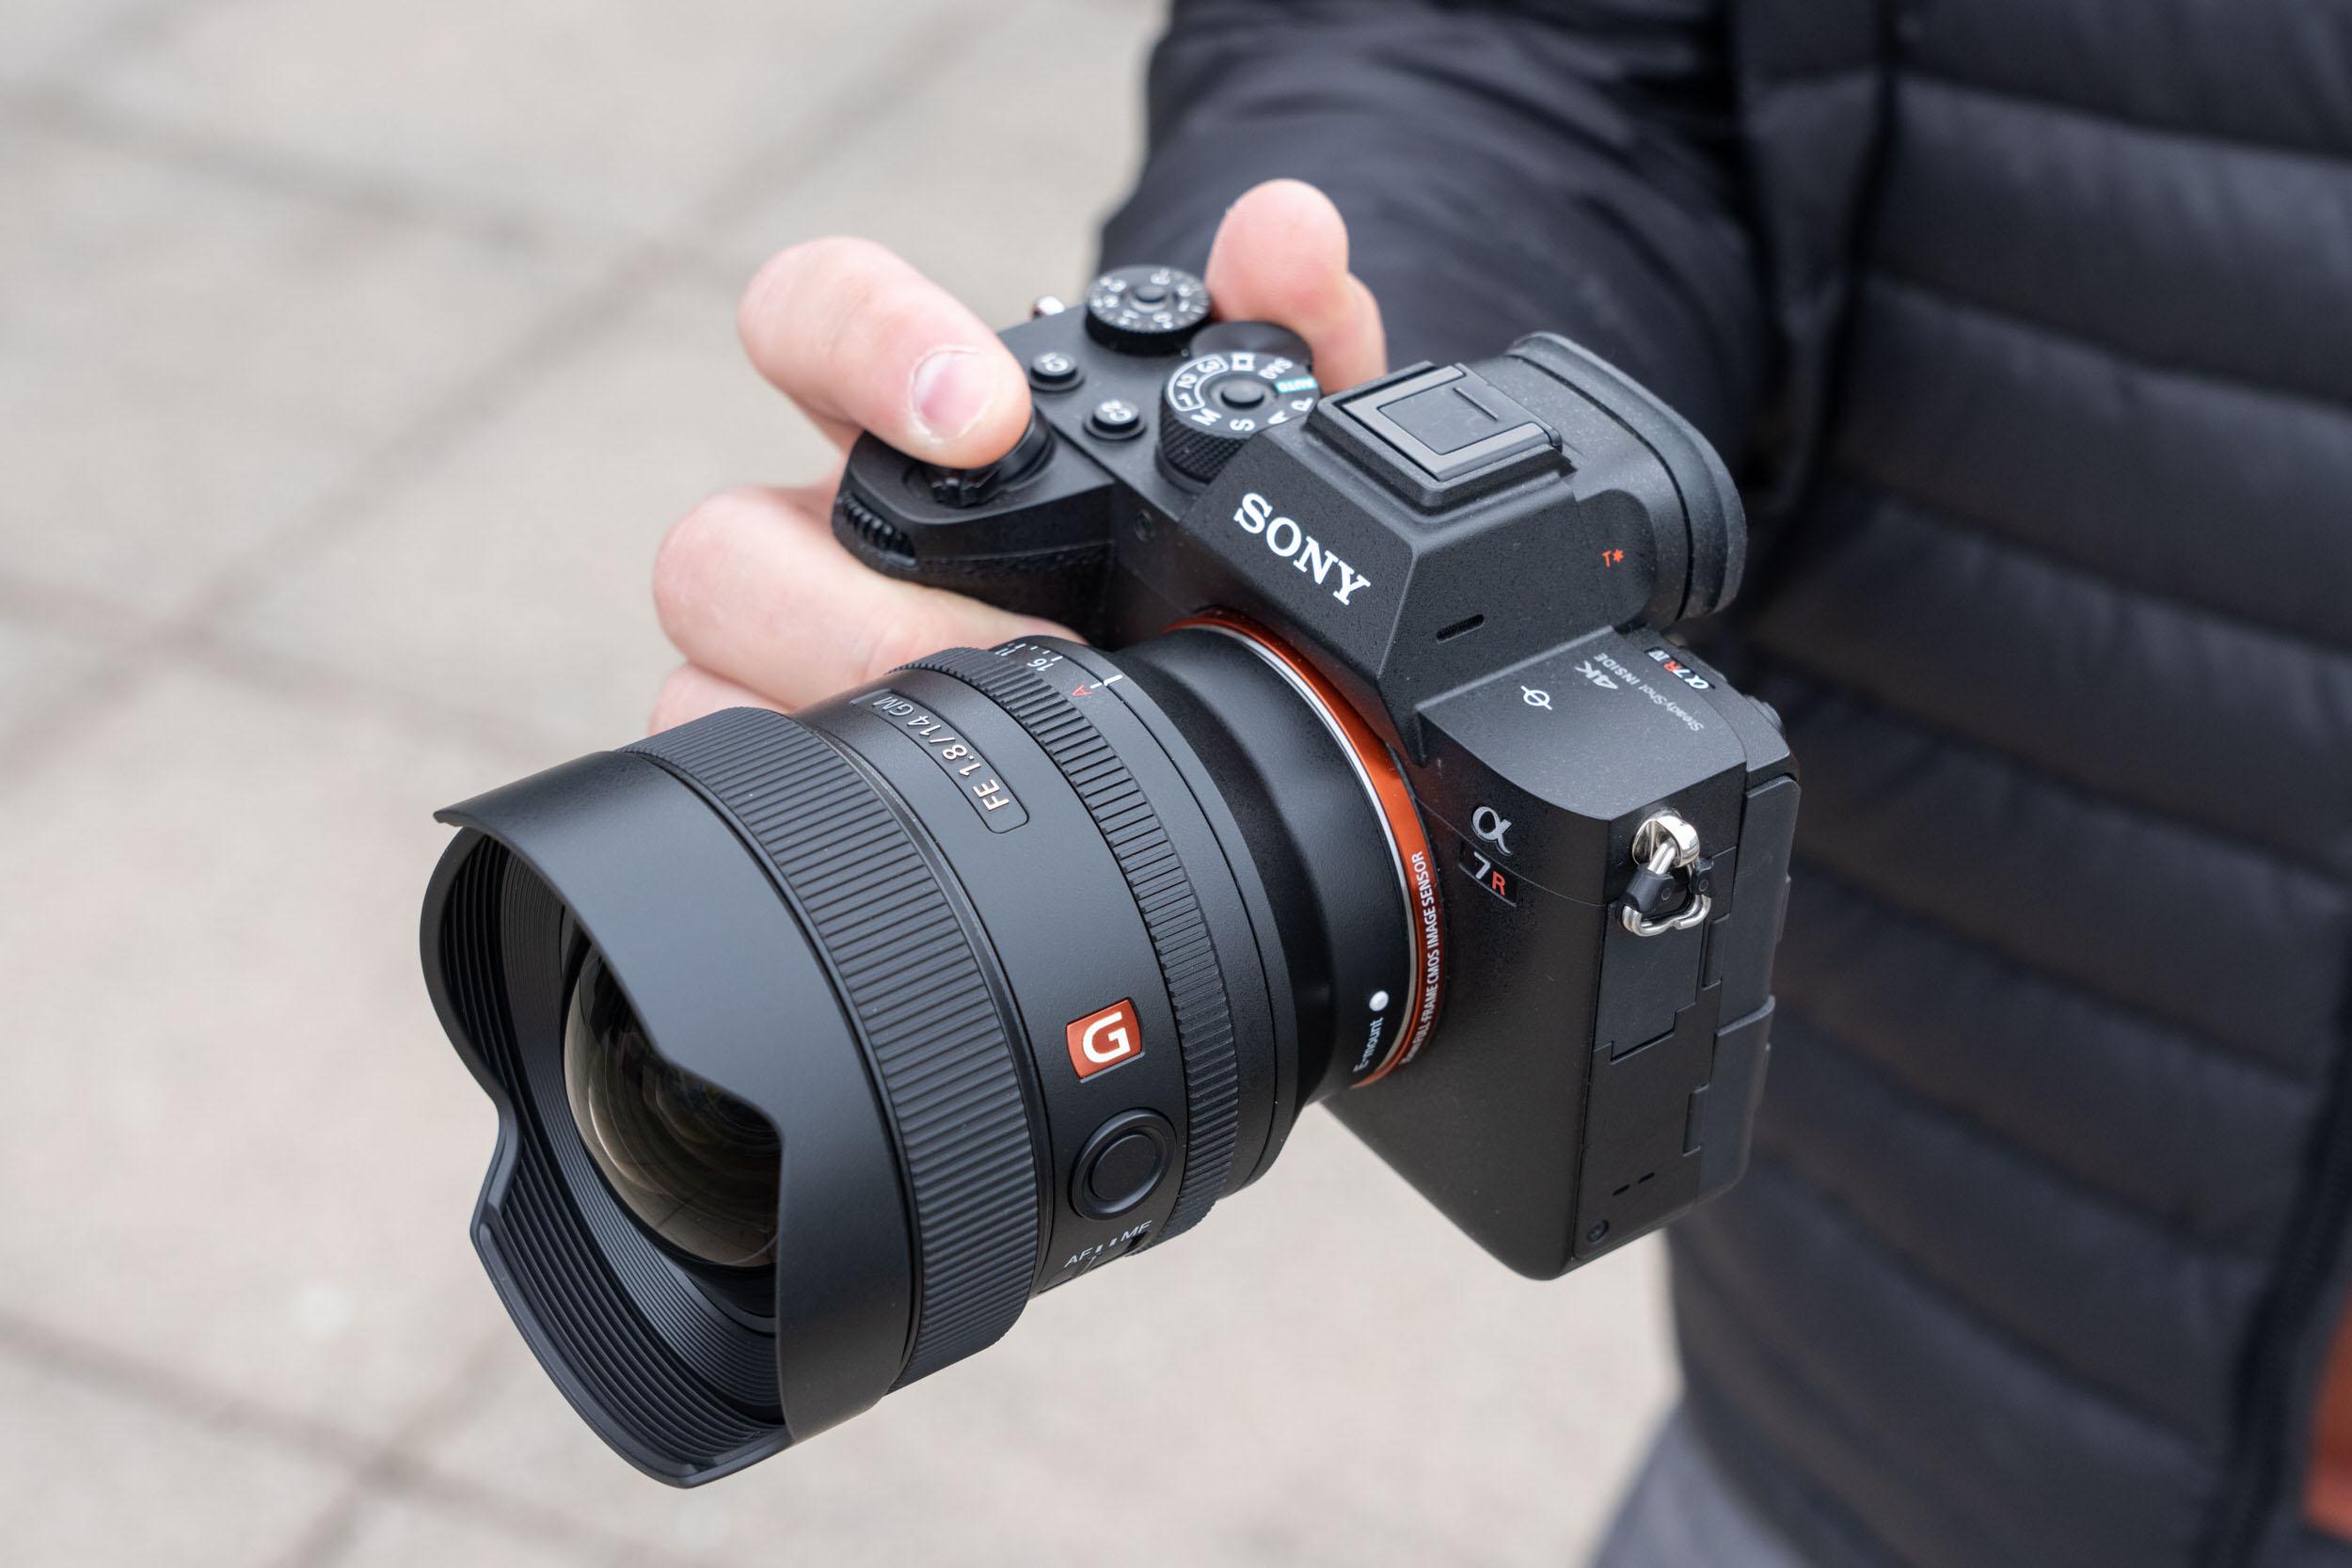 Sony ra mắt ống kính góc siêu rộng nhỏ gọn FE 14mm F1.8 GM mới